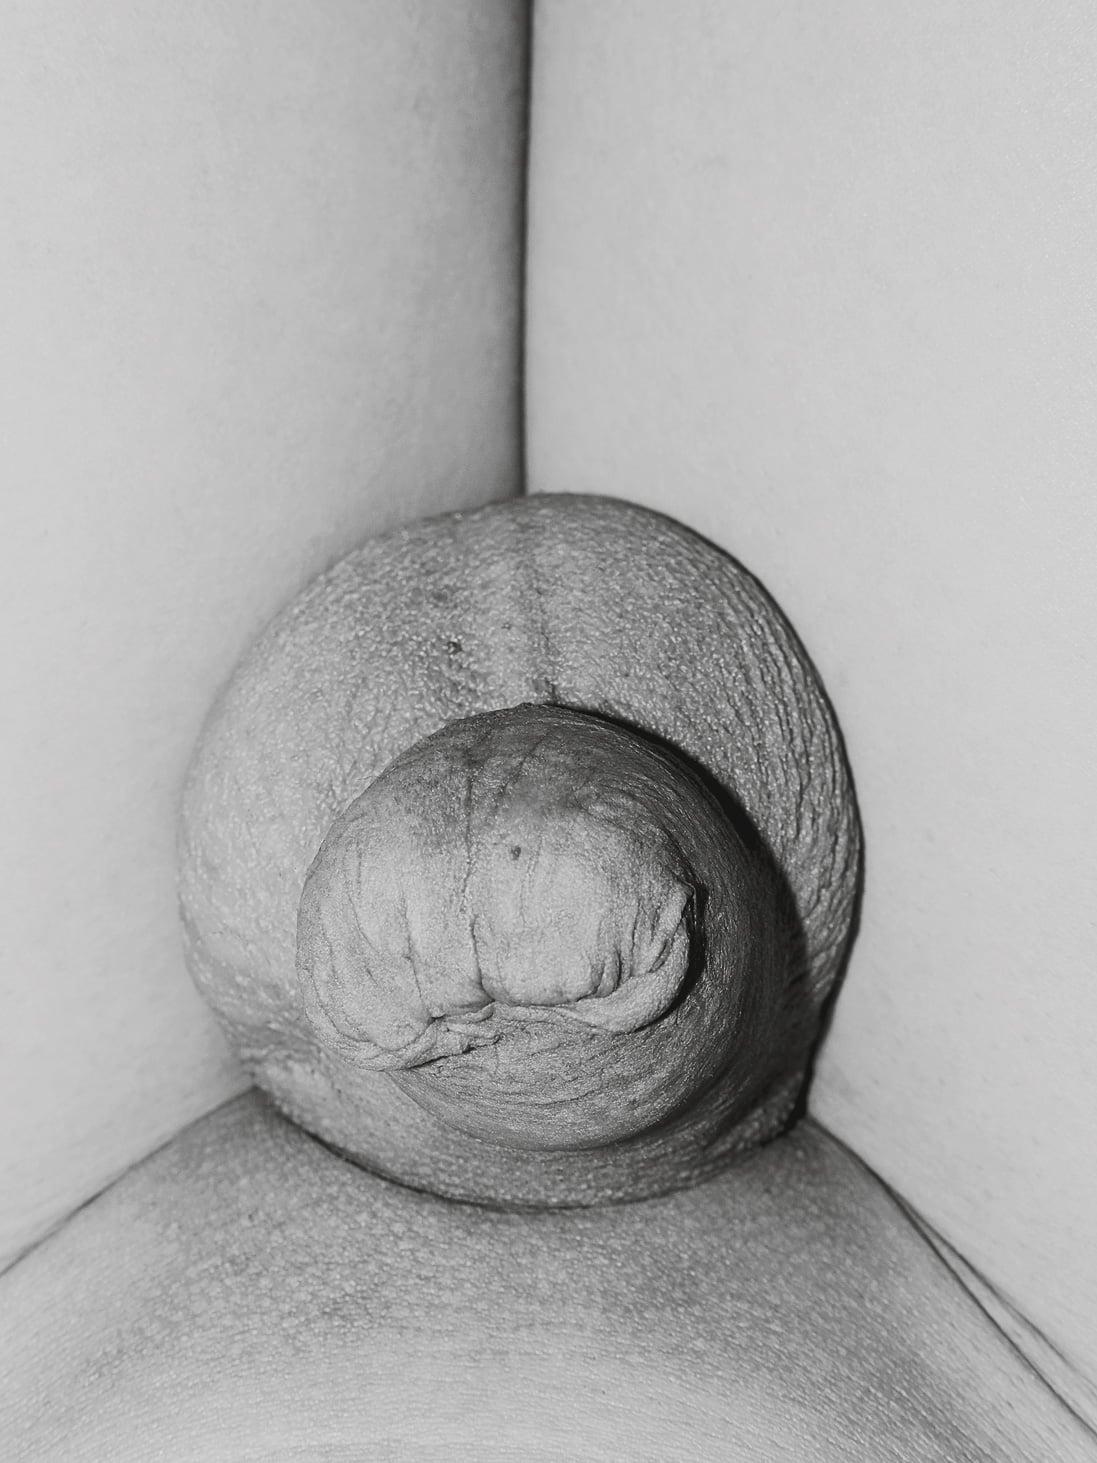 Hayahisa Tomiyasu | Genitalien, 2011 | 8 Bilder, 12 x 16 cm, Pigment Print 75